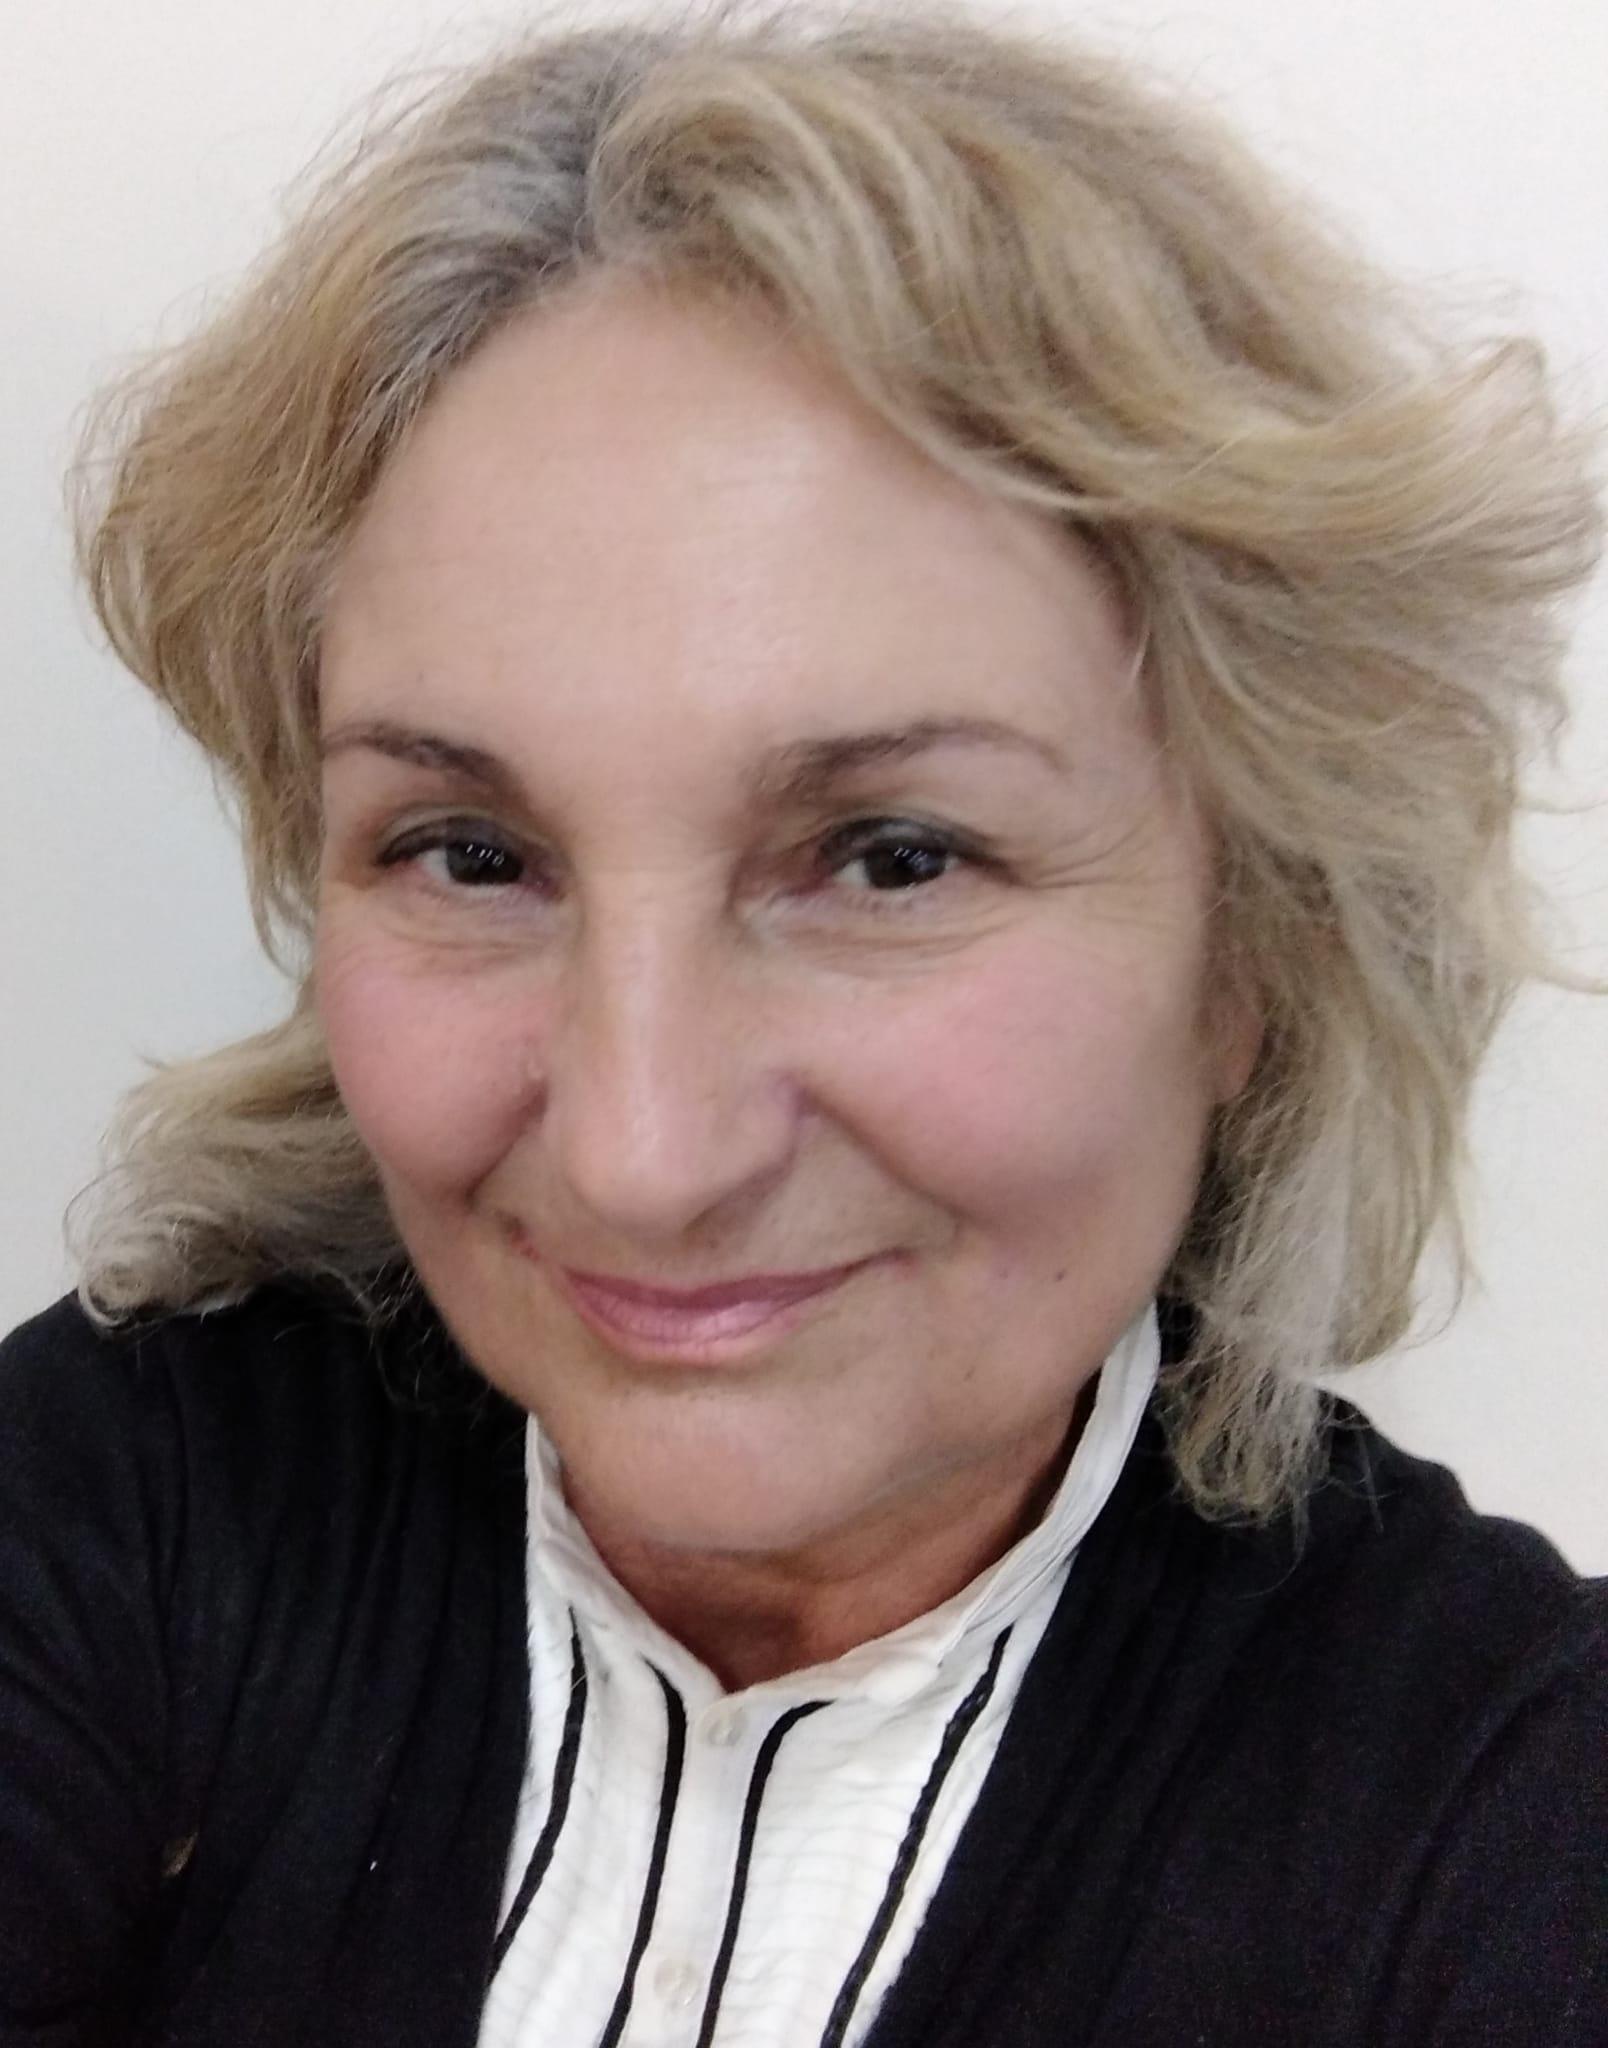 Maria Turuelo